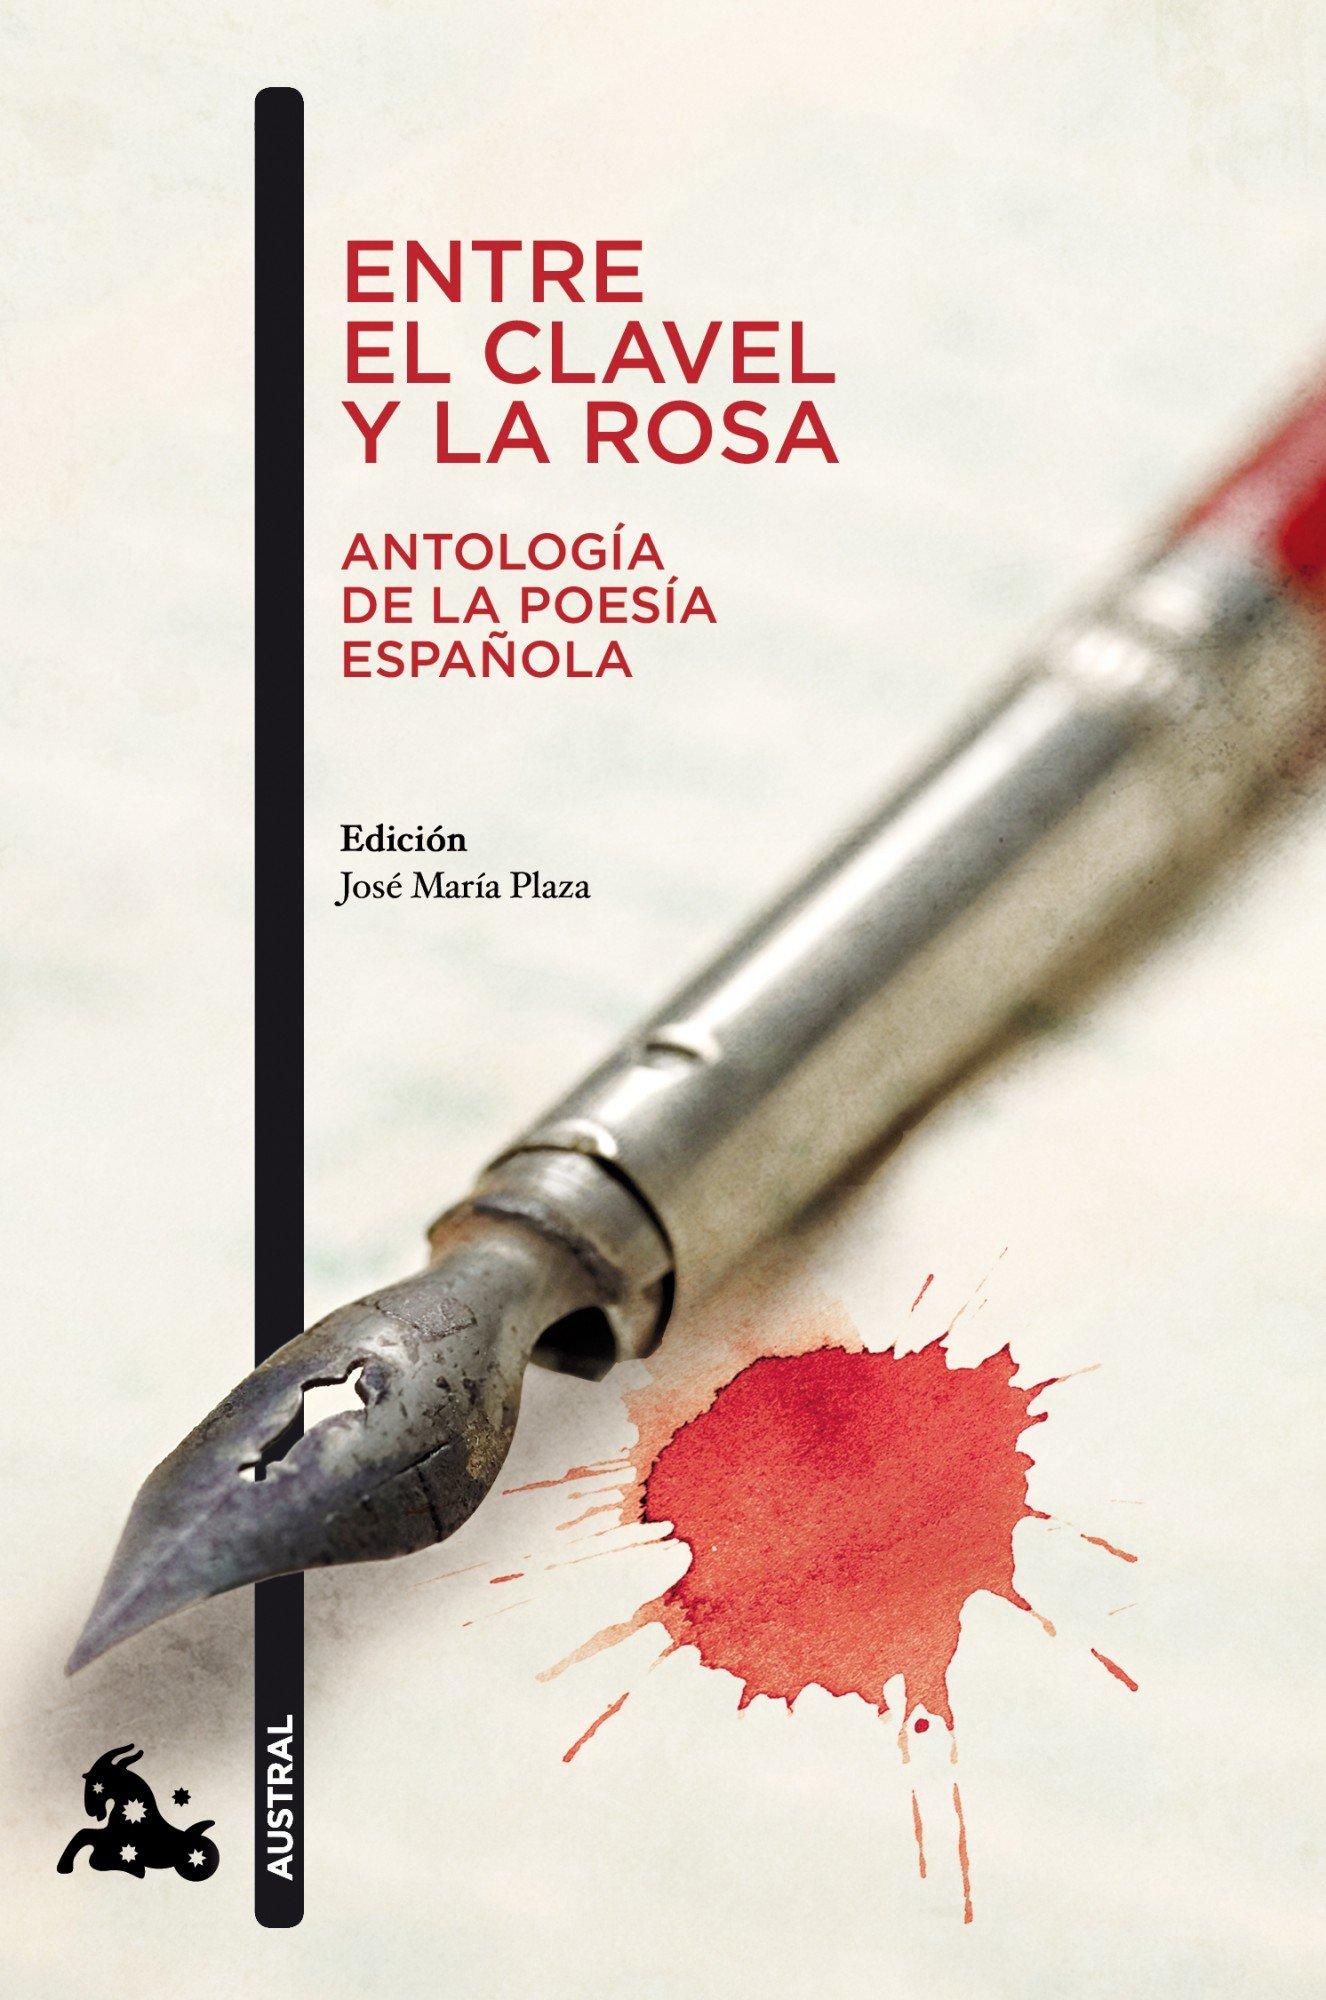 Entre el clavel y la rosa Antología de la poesía española Contemporánea: Amazon.es: Artistas varios: Libros